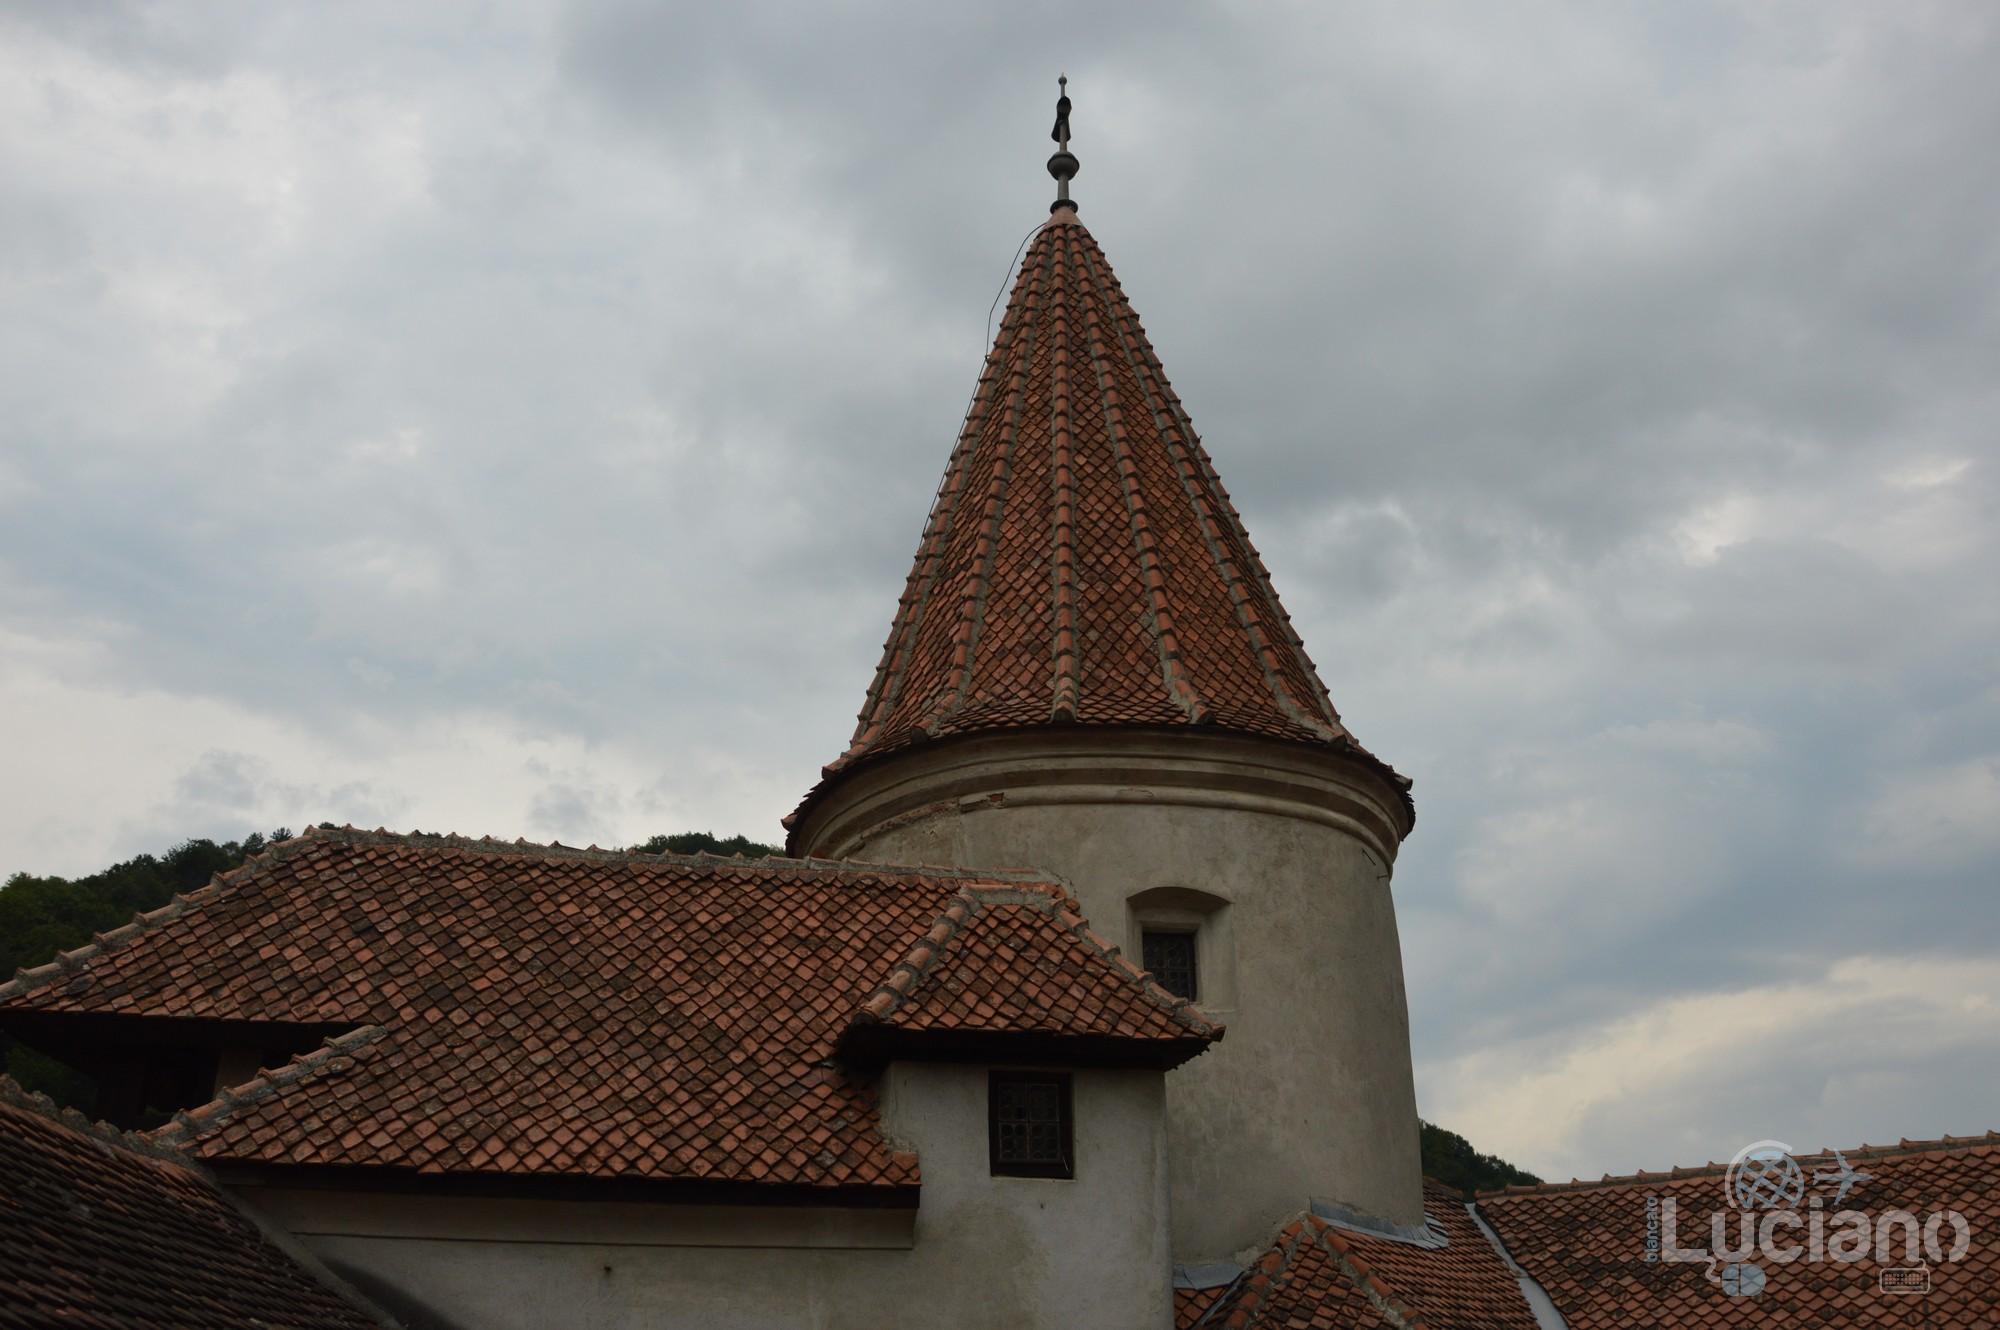 castello-di-dracula-castello-di-bran-luciano-blancato (112)